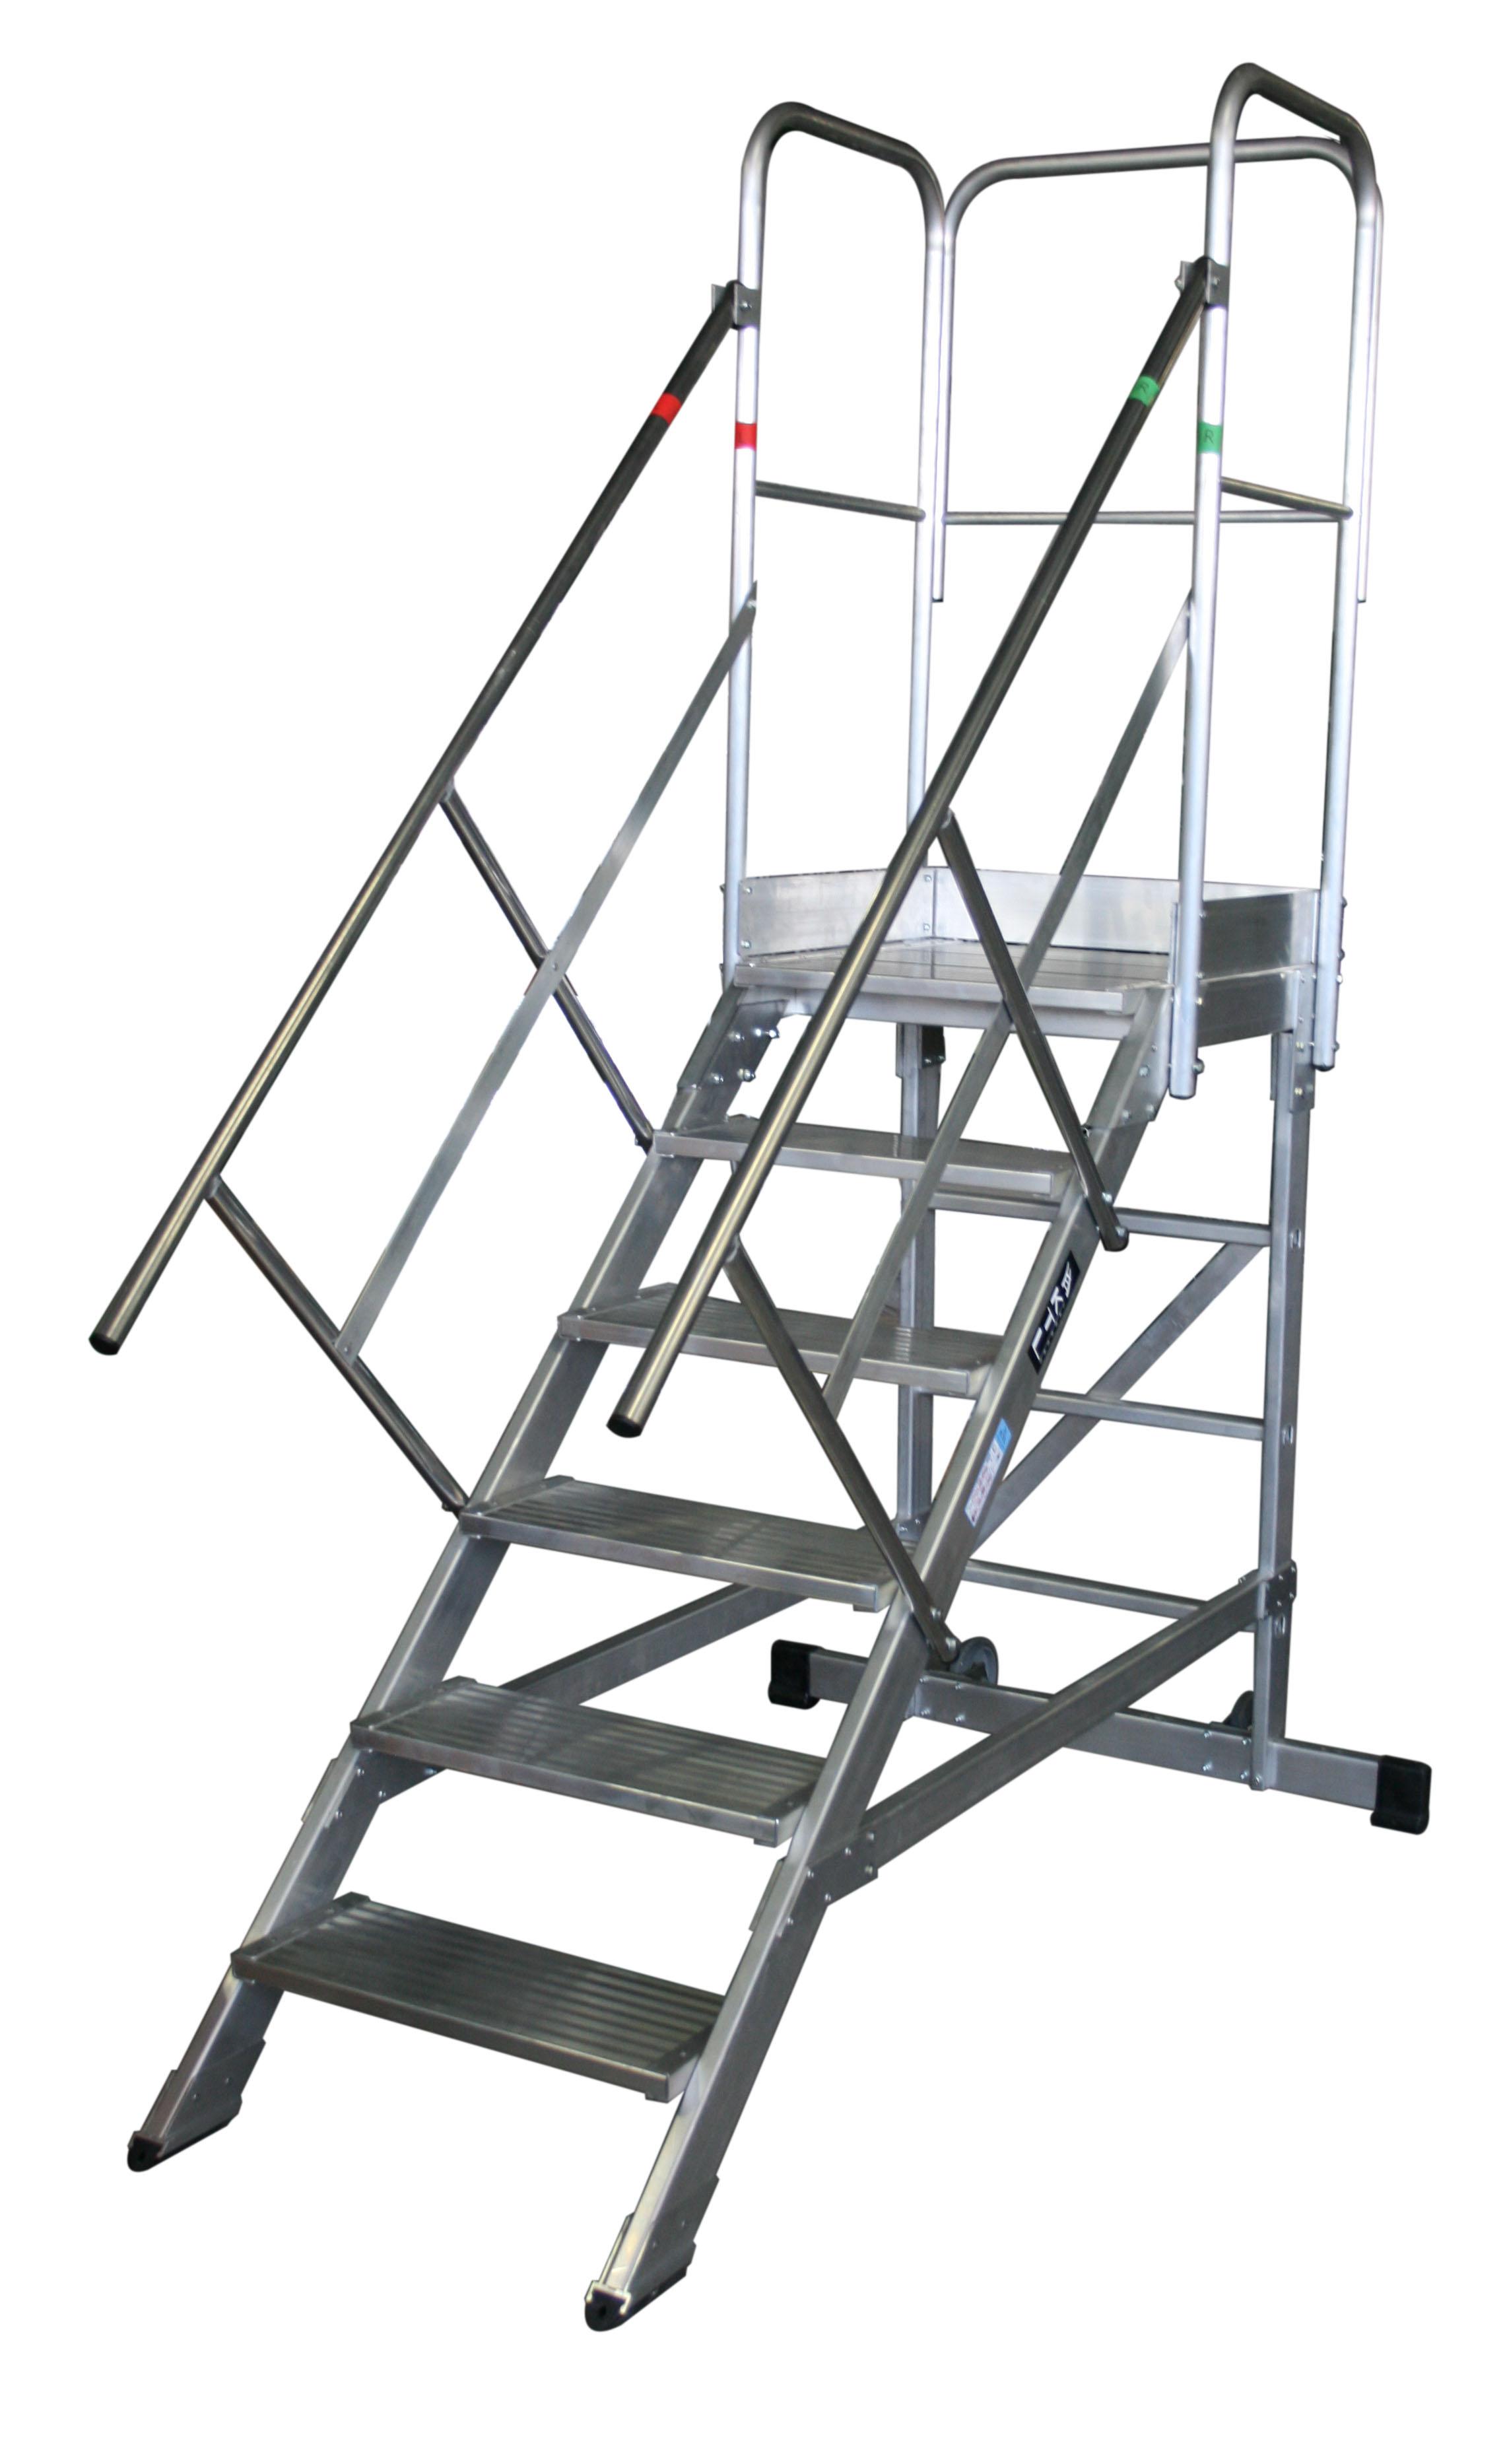 escaleras de plataforma móviles max 45º y 60º Escaleras de plataforma móviles MAX 45º y 60º max 45   6peld